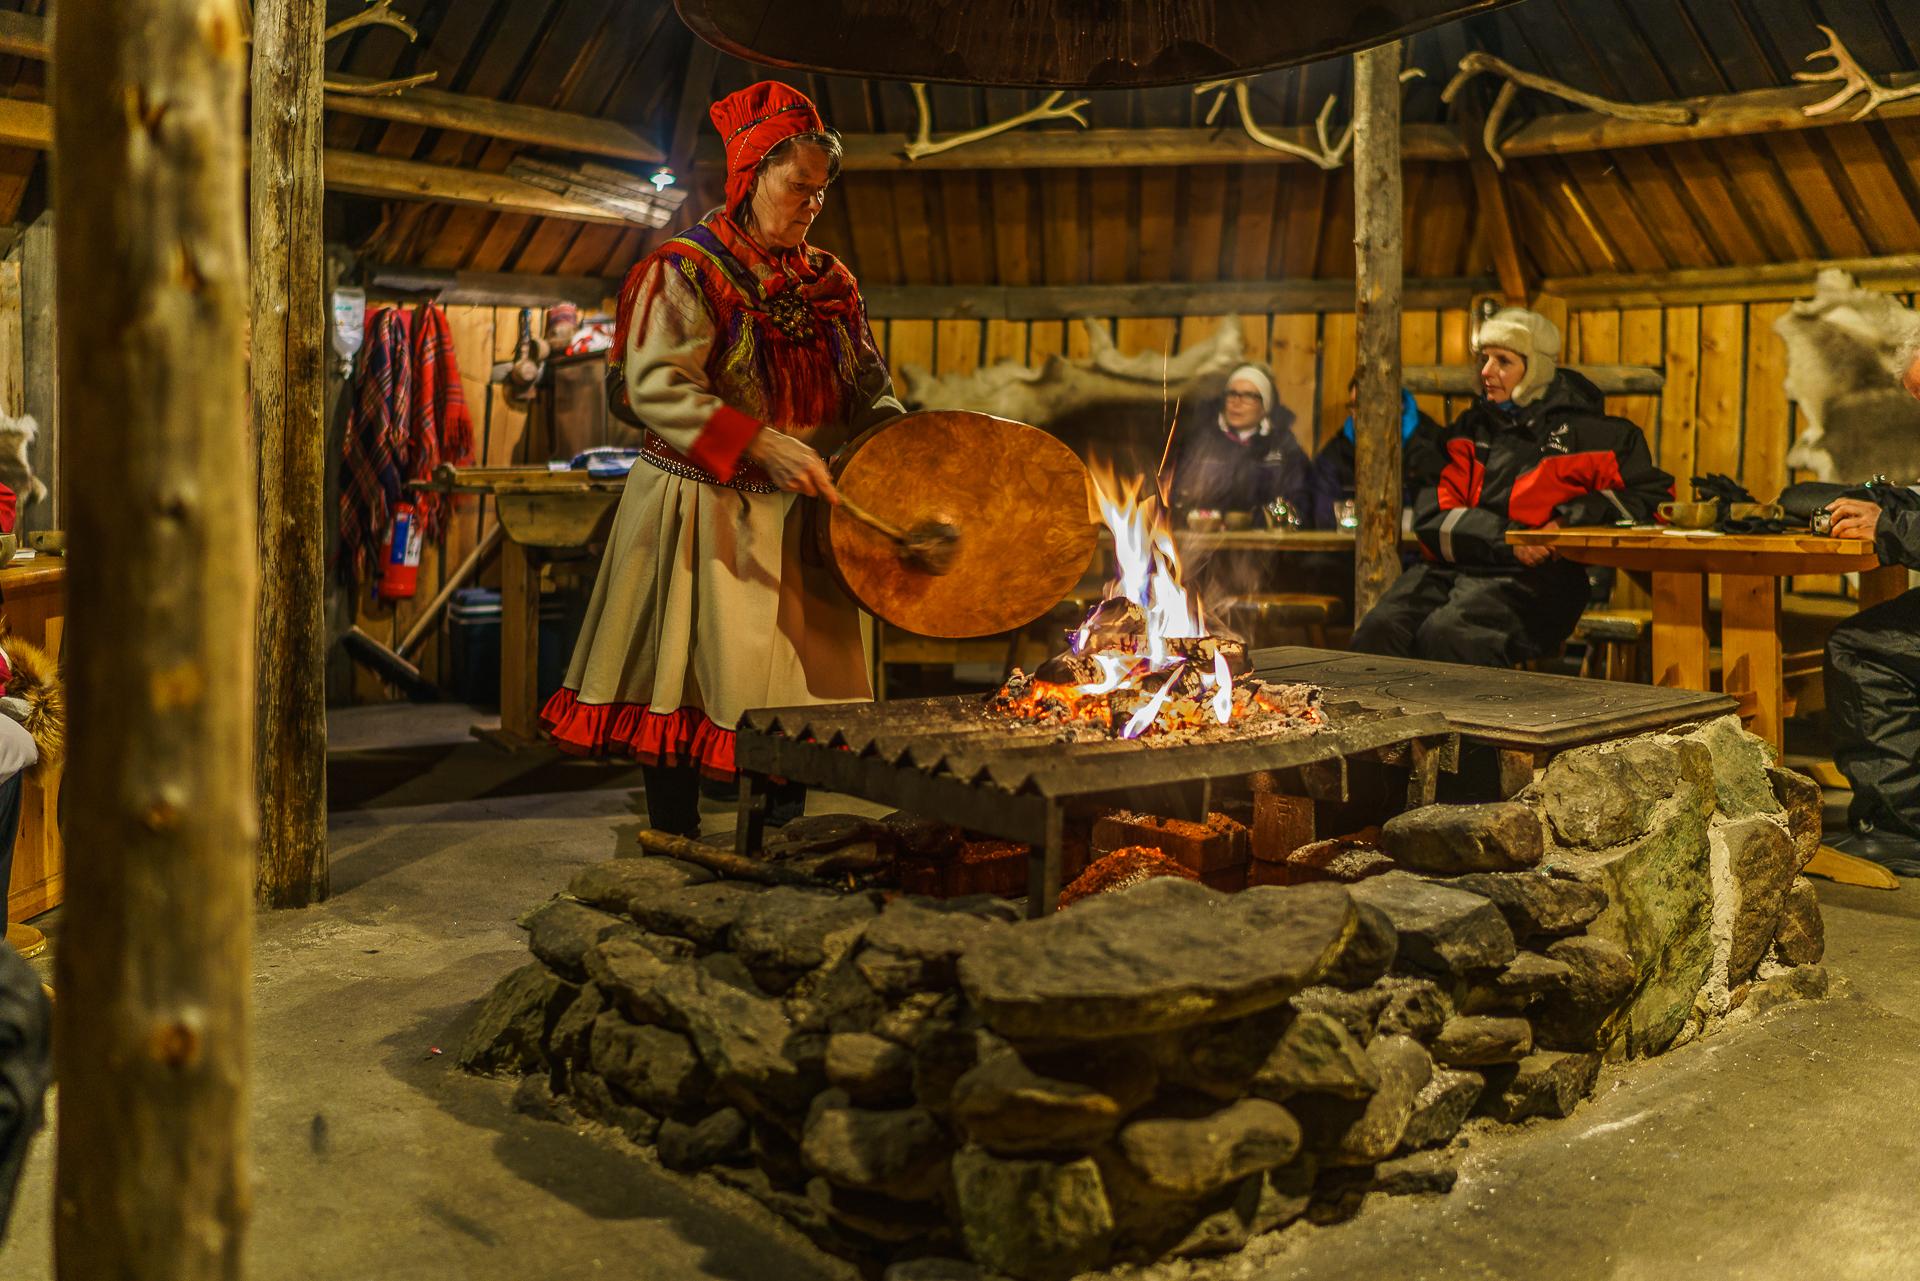 Sami-Inari